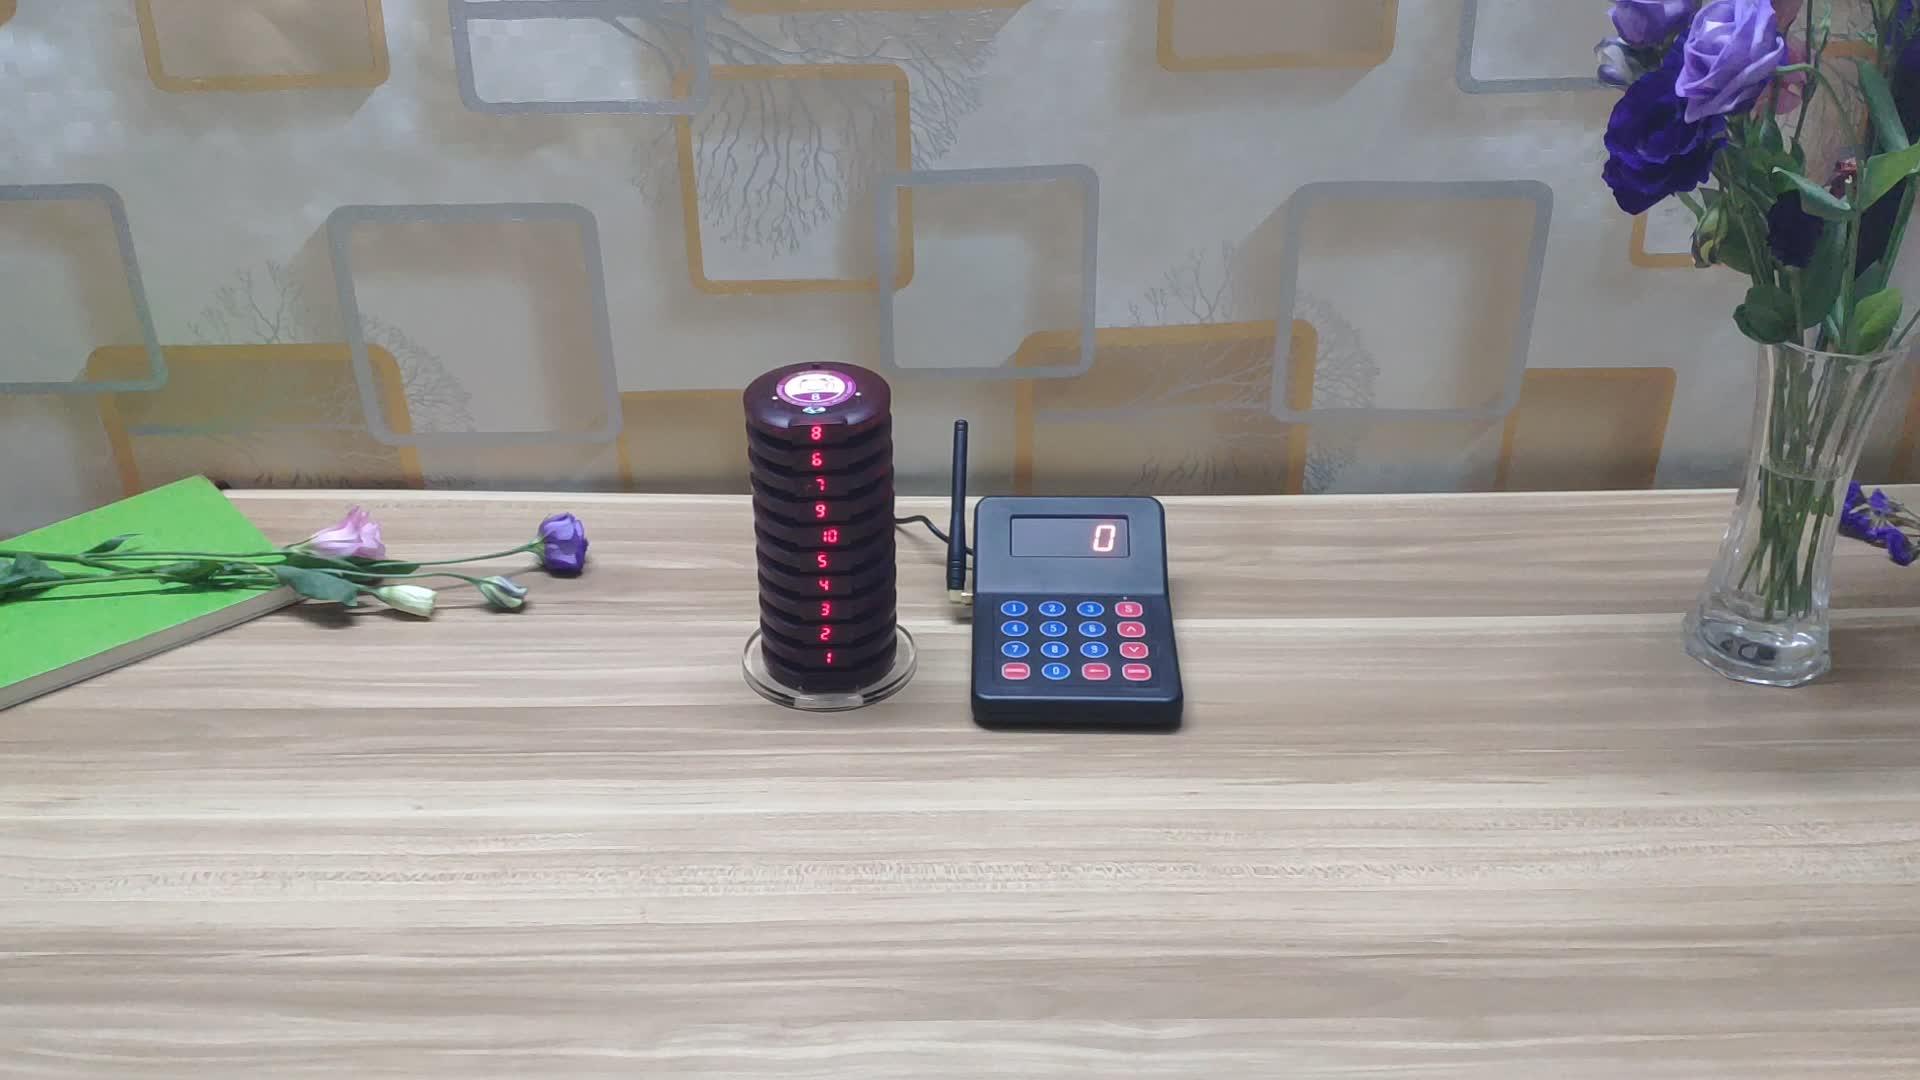 Draadloos oproepsysteem oproep klantenservice voor fasfood restaurant cafe wachtrij pager apparaat vibrators